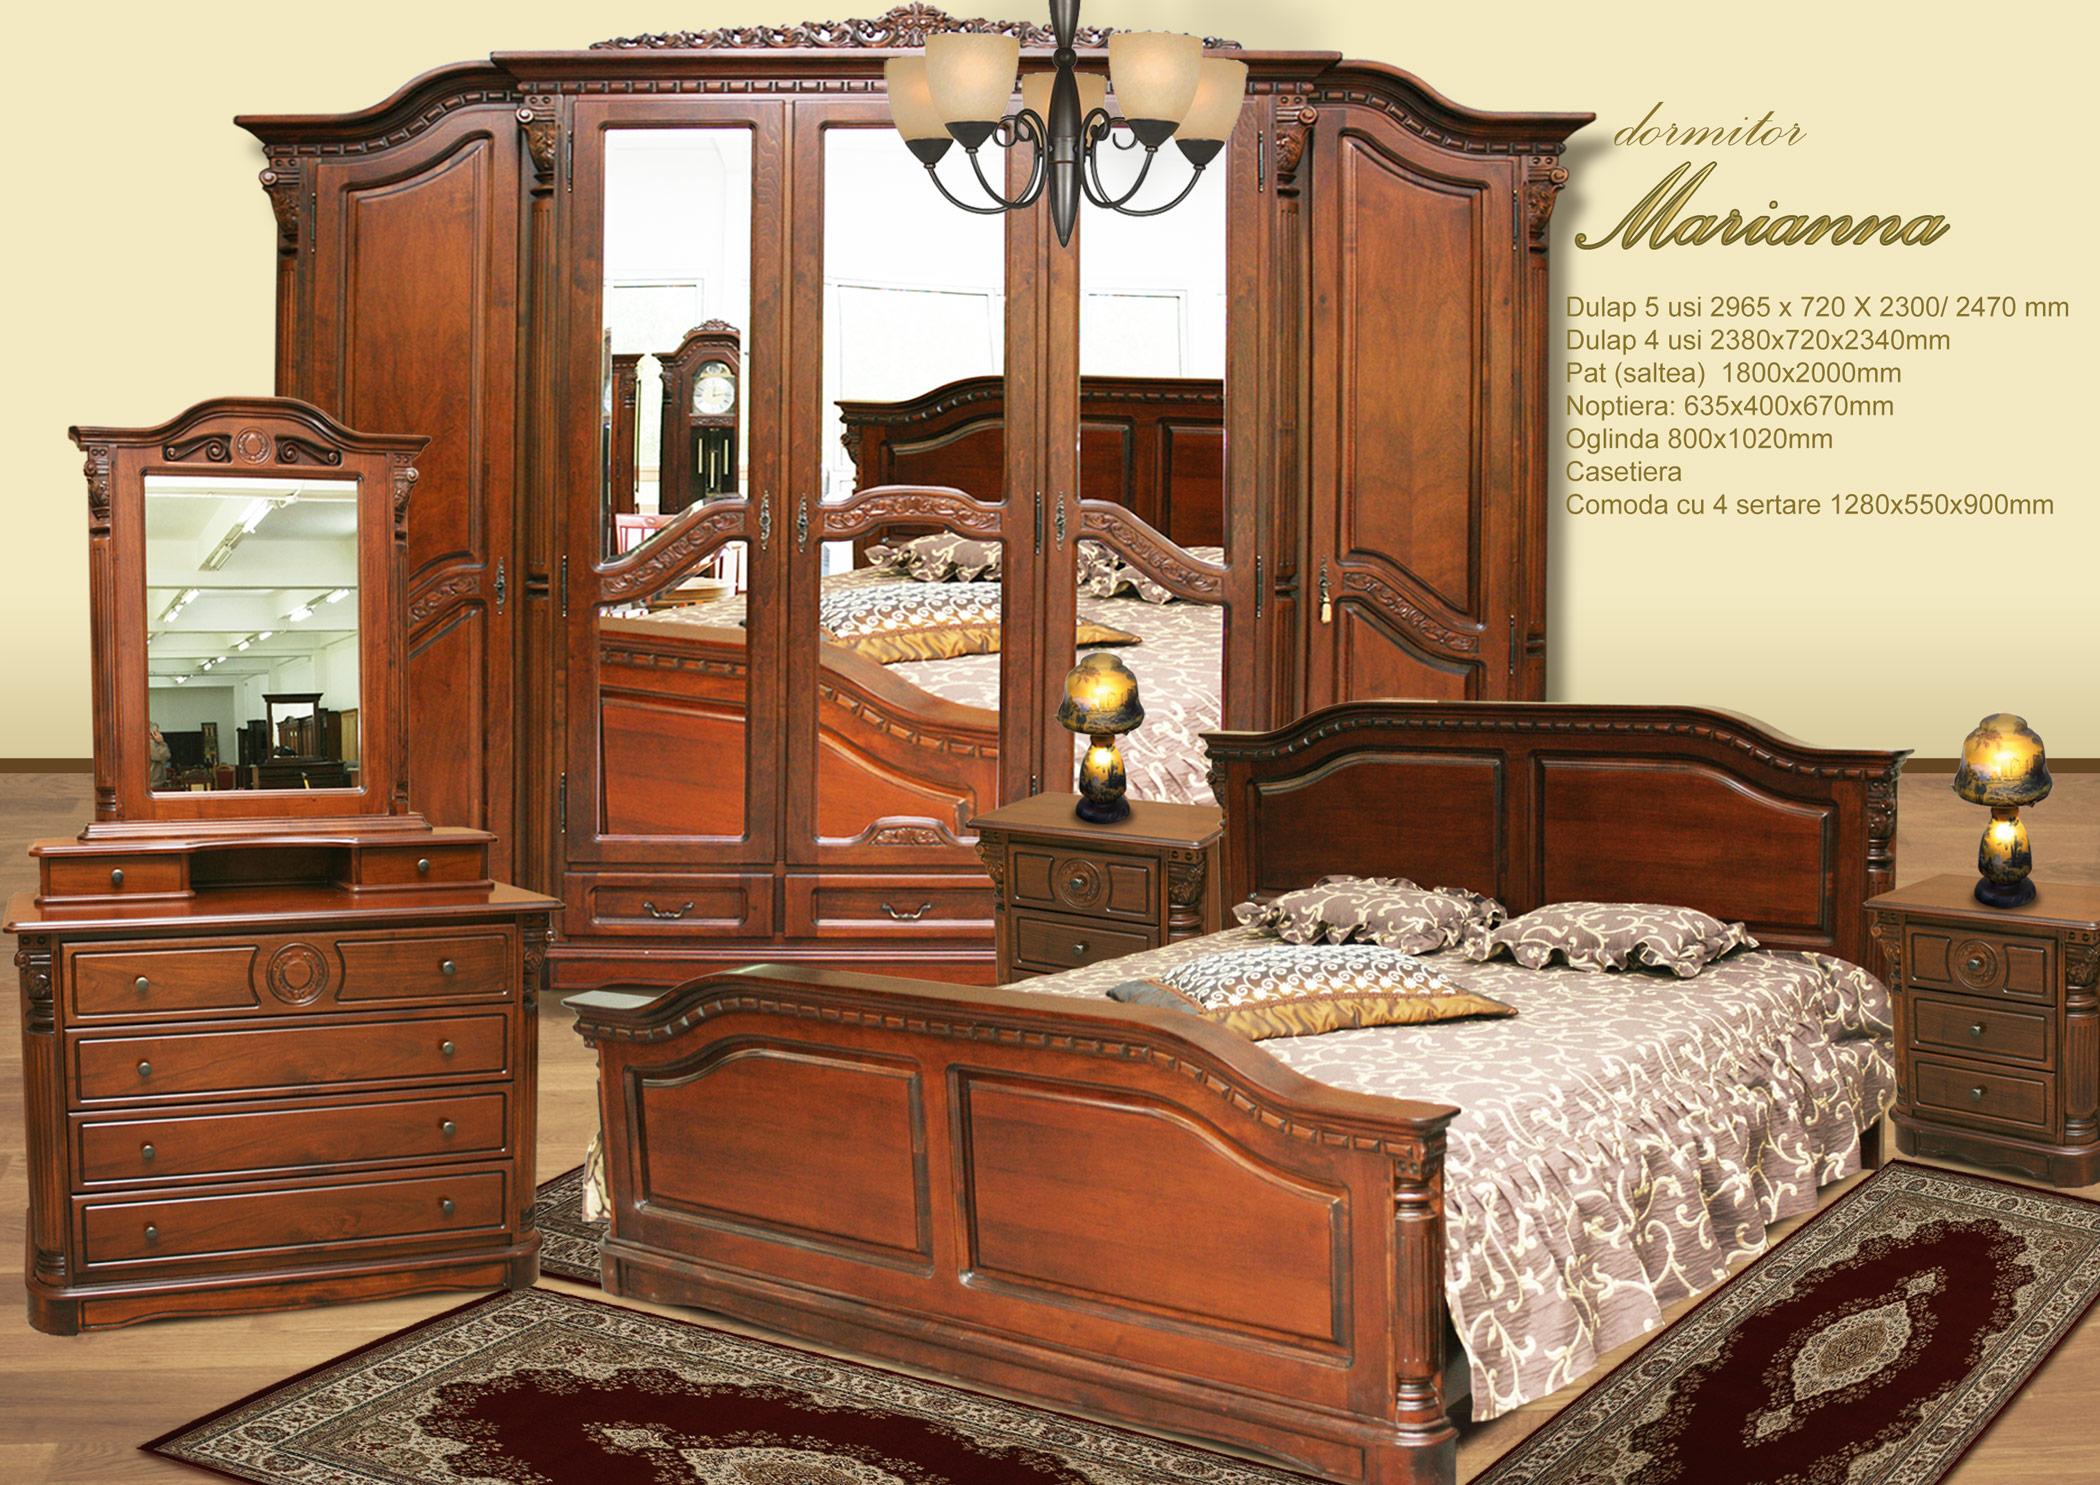 Dormitor Mariana